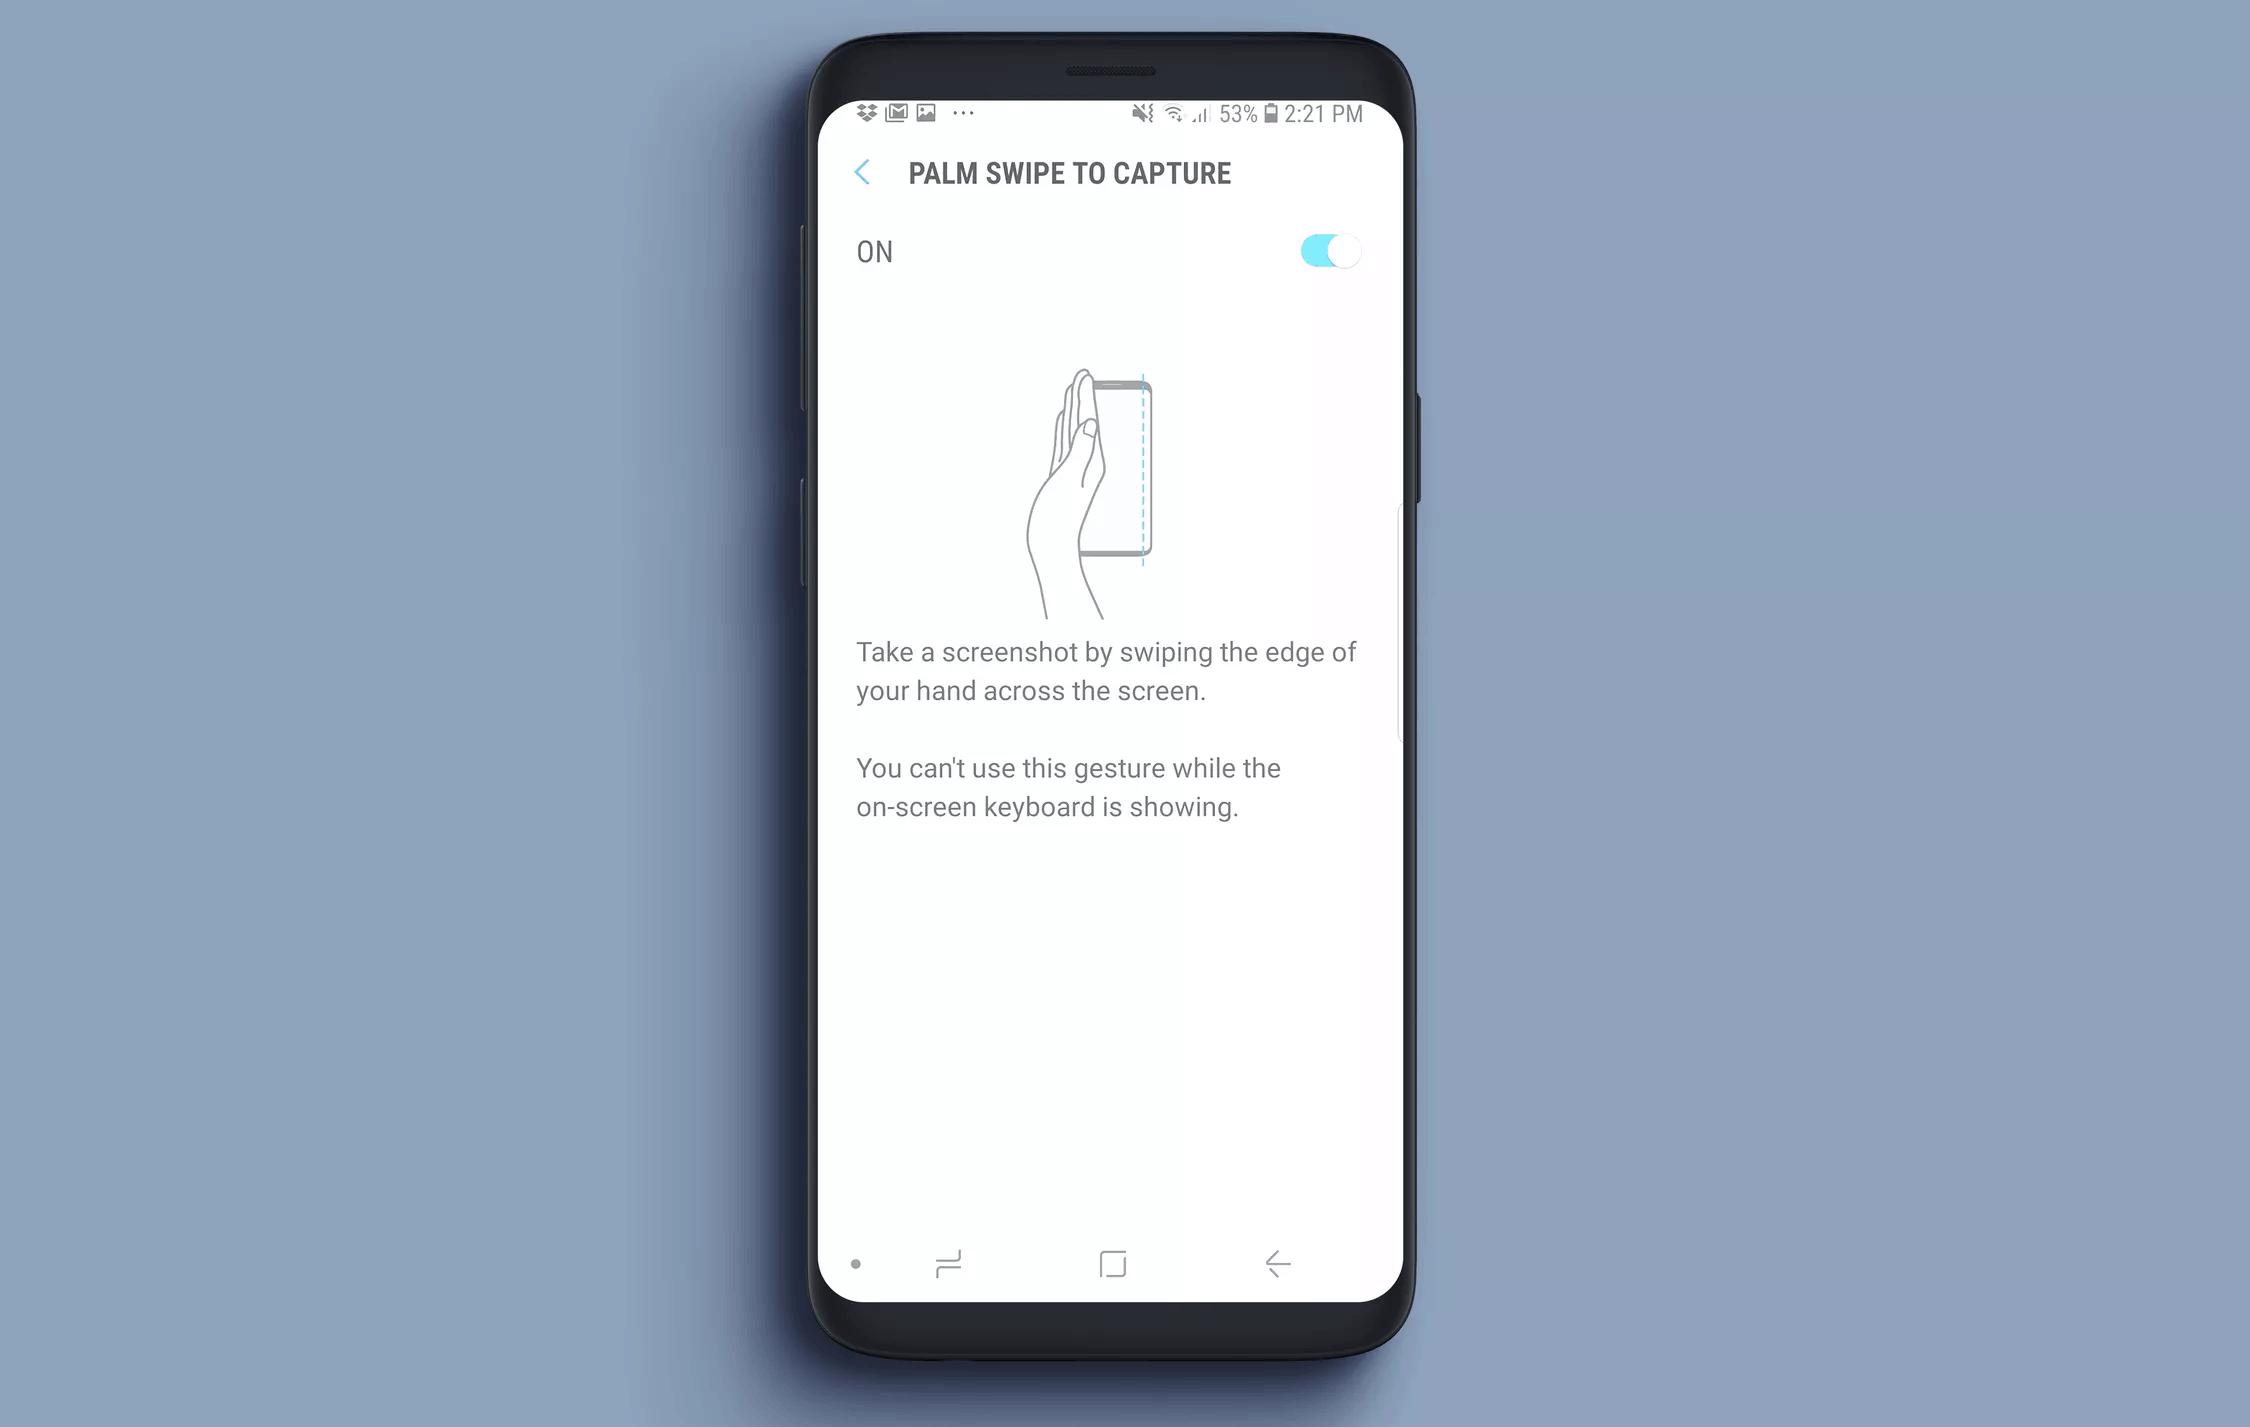 چگونه با تبلت یا گوشی اندروید خود اسکرین شات بگیرید